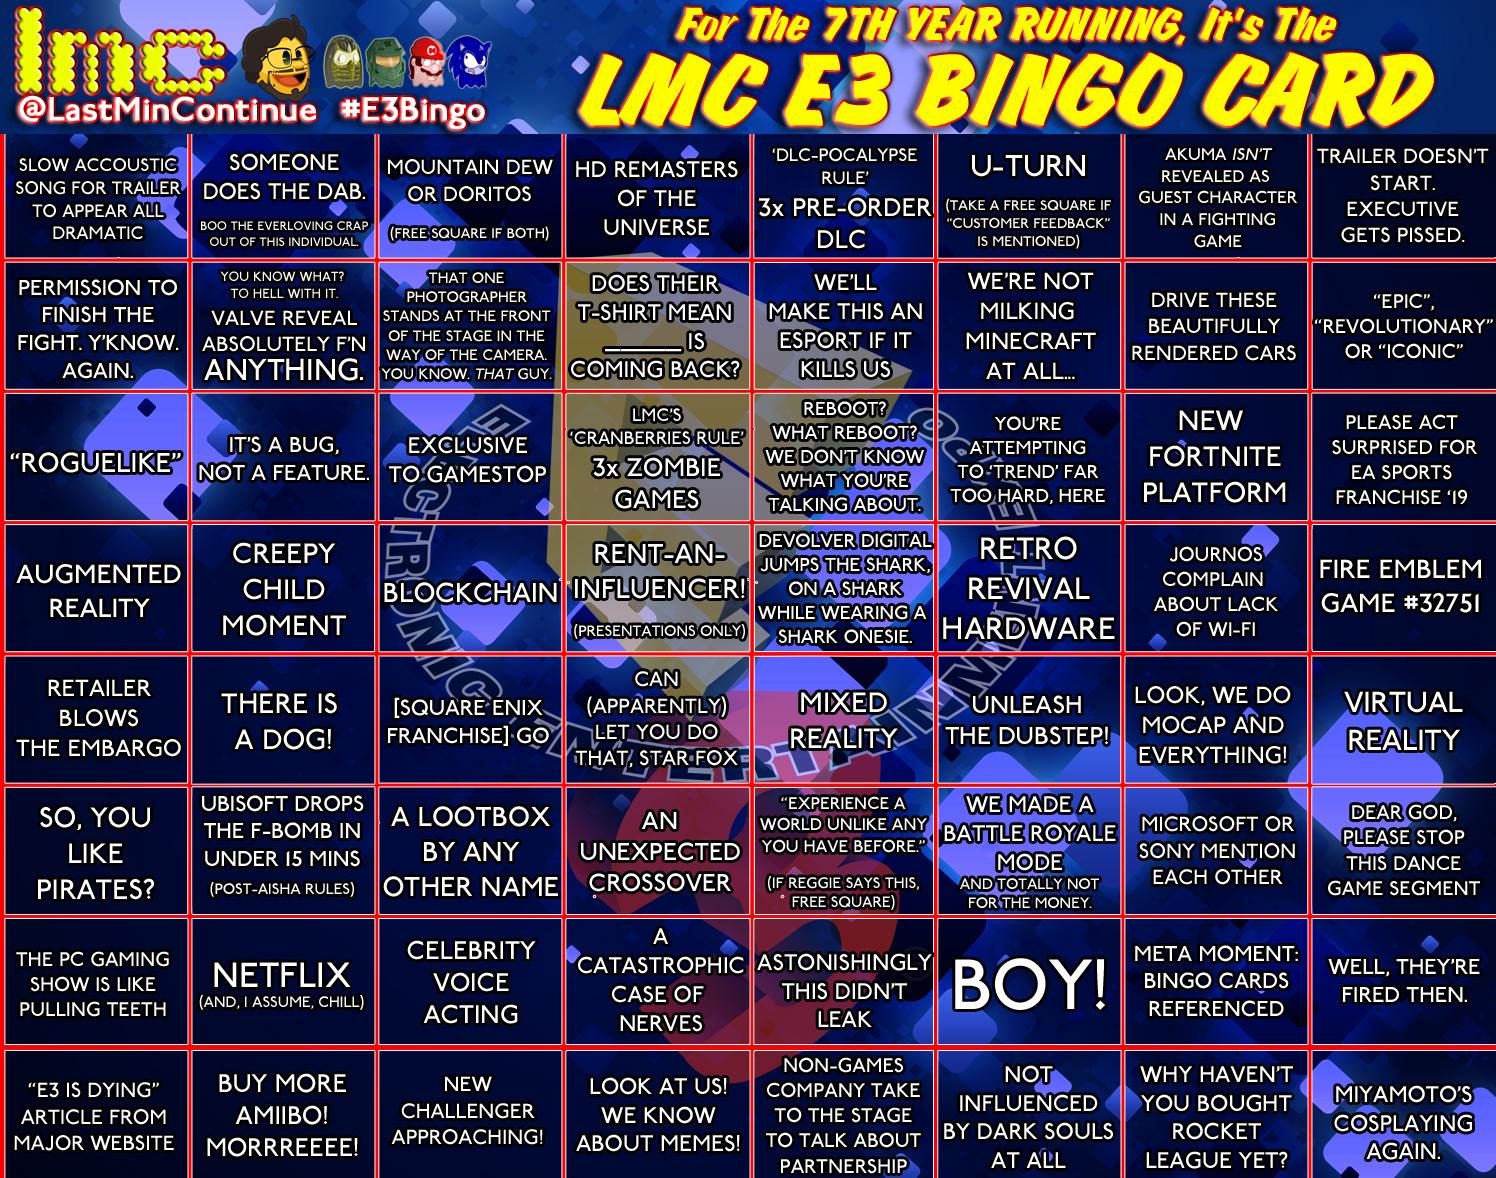 LMC E3 Bingo Card 2018